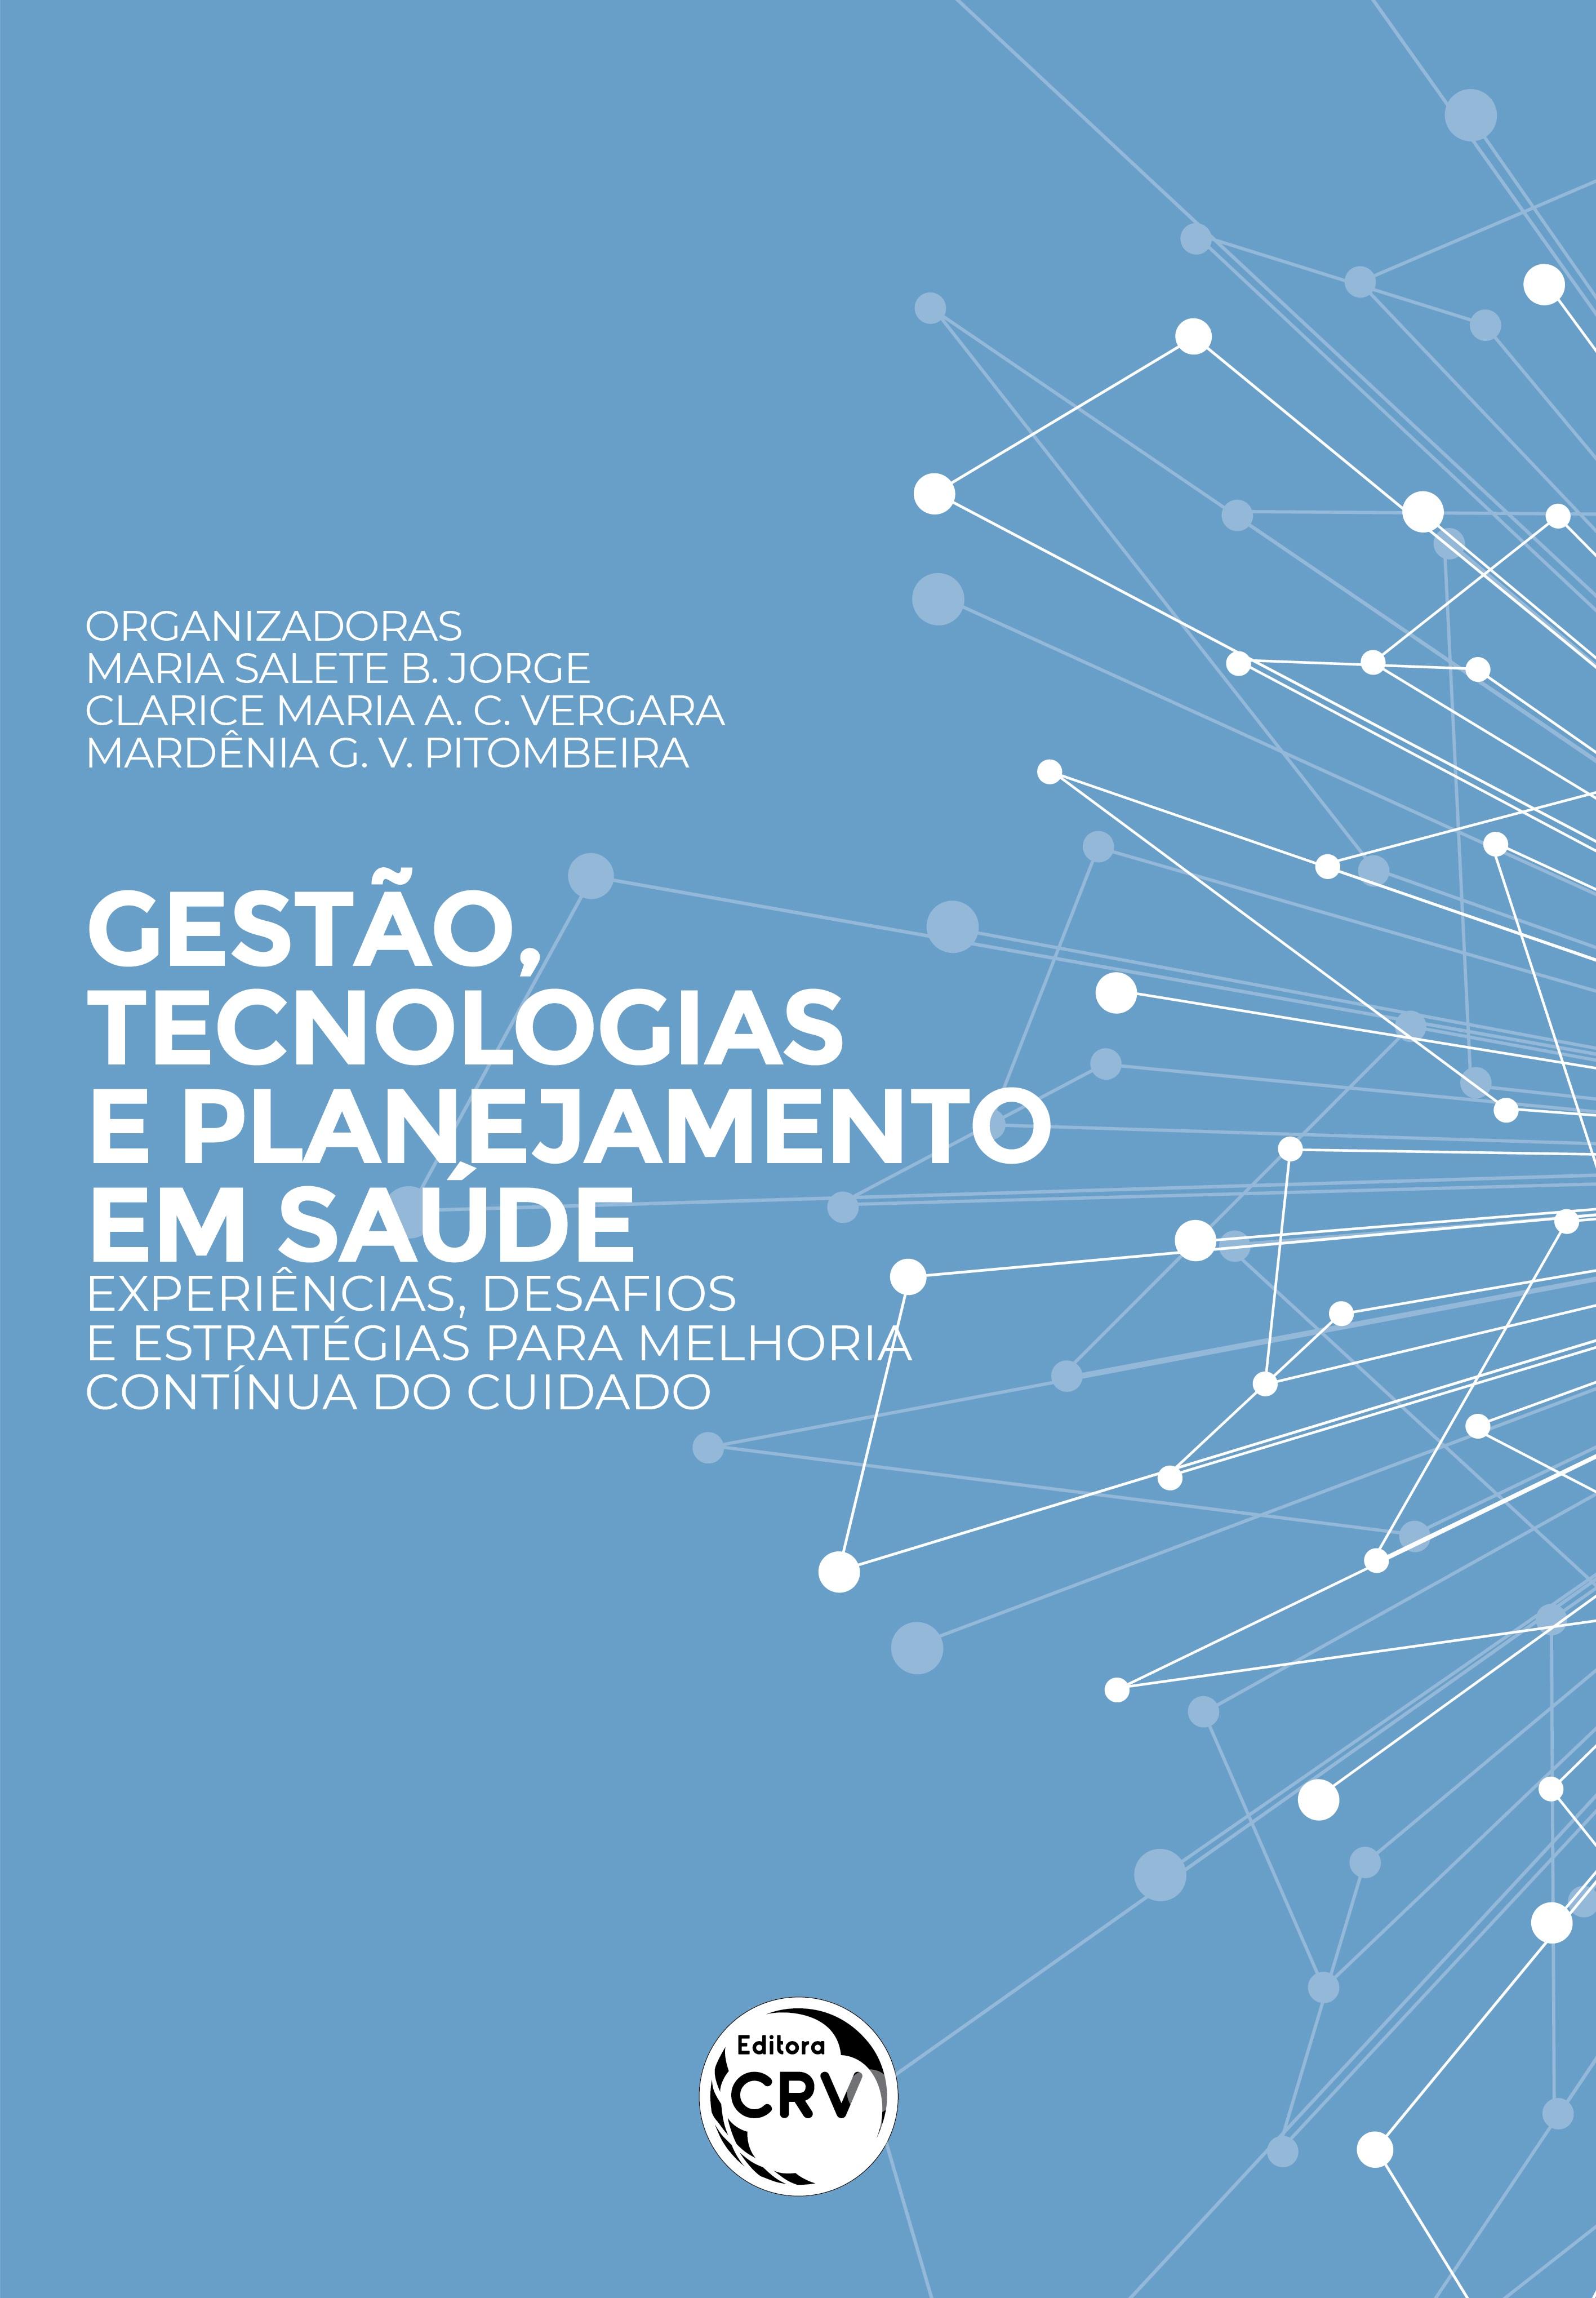 Capa do livro: GESTÃO, TECNOLOGIAS E PLANEJAMENTO EM SAÚDE: <br>experiências, desafios e estratégias para melhoria contínua do cuidado